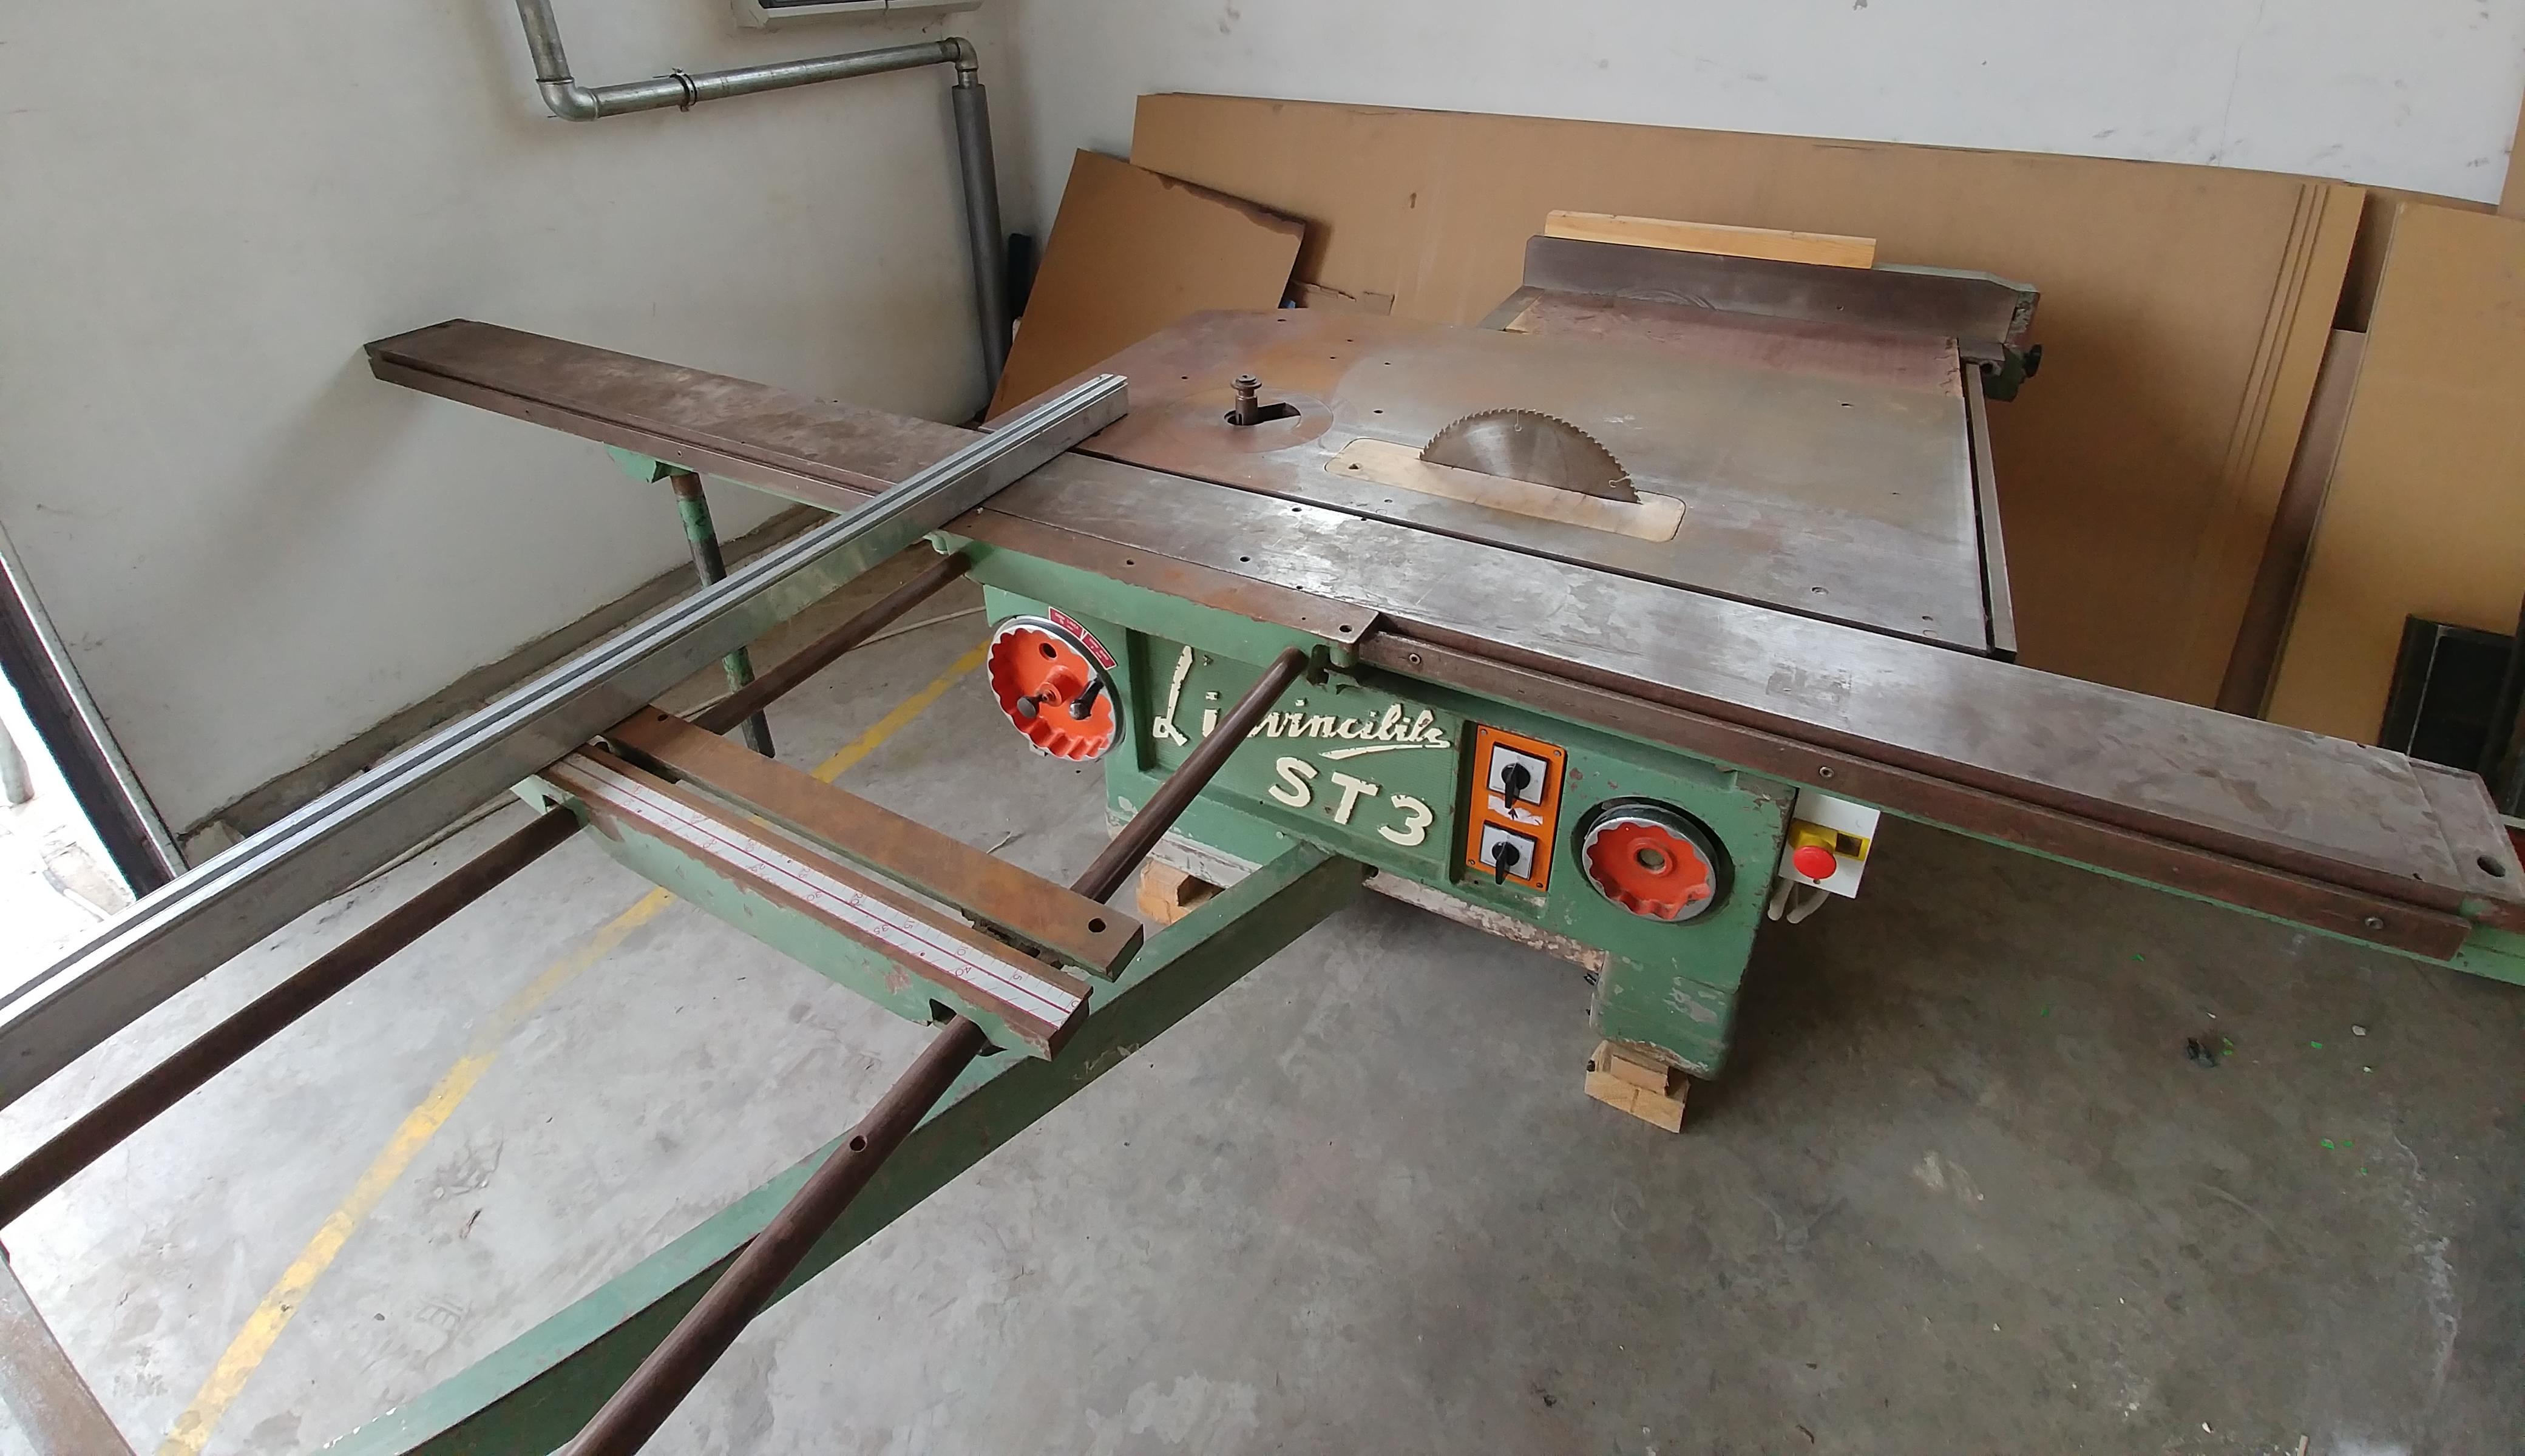 Fresadora de madera scm st3 maquinas de segunda mano exapro - Fresadora de madera ...